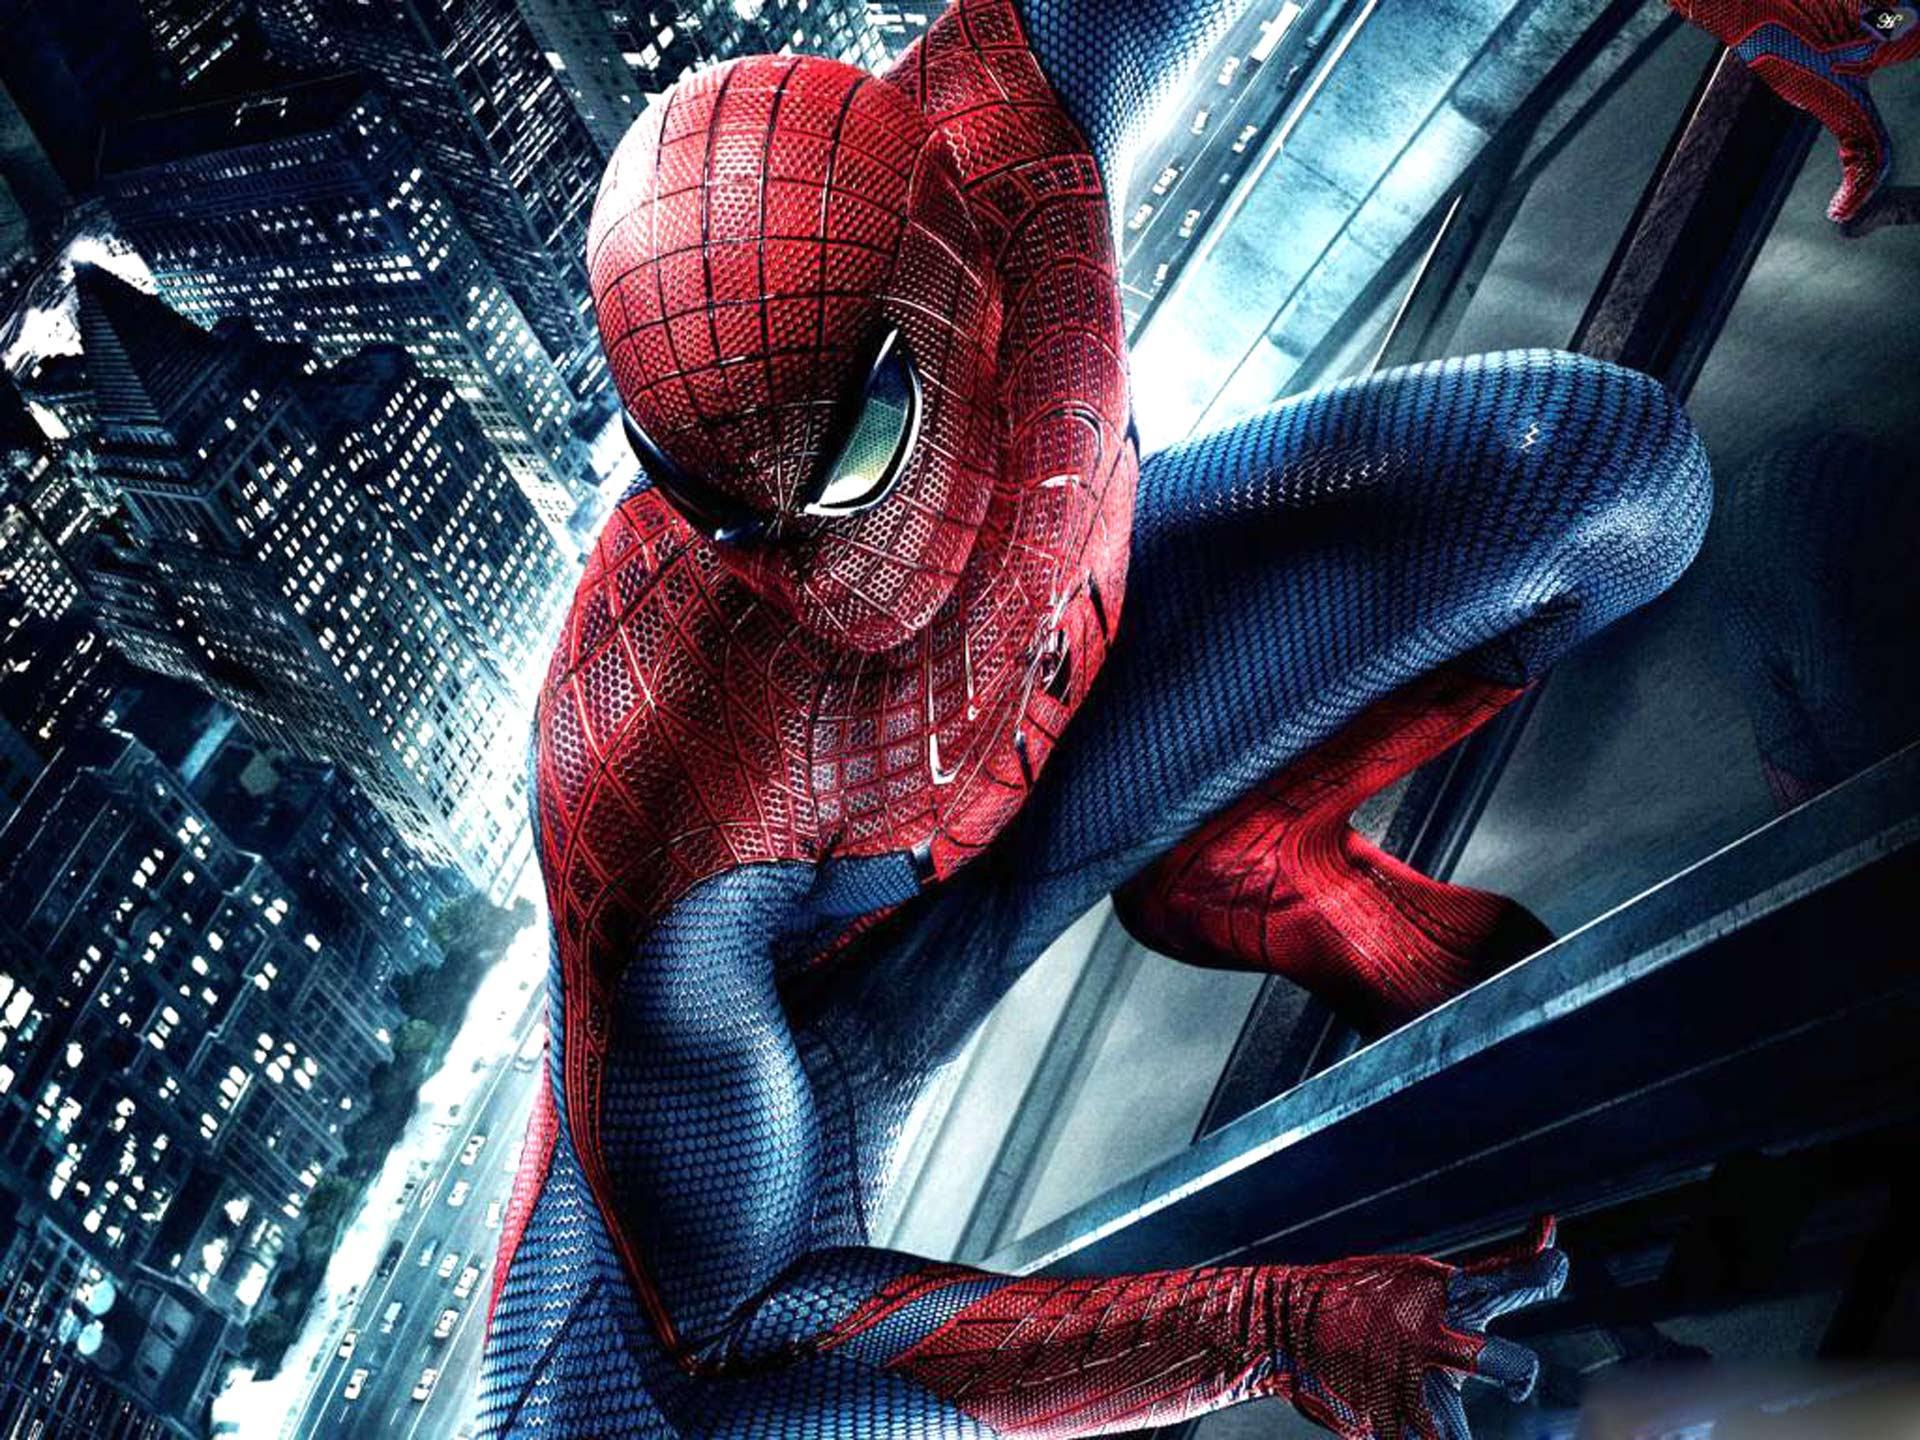 Spider Man Wallpaper 1920x1440